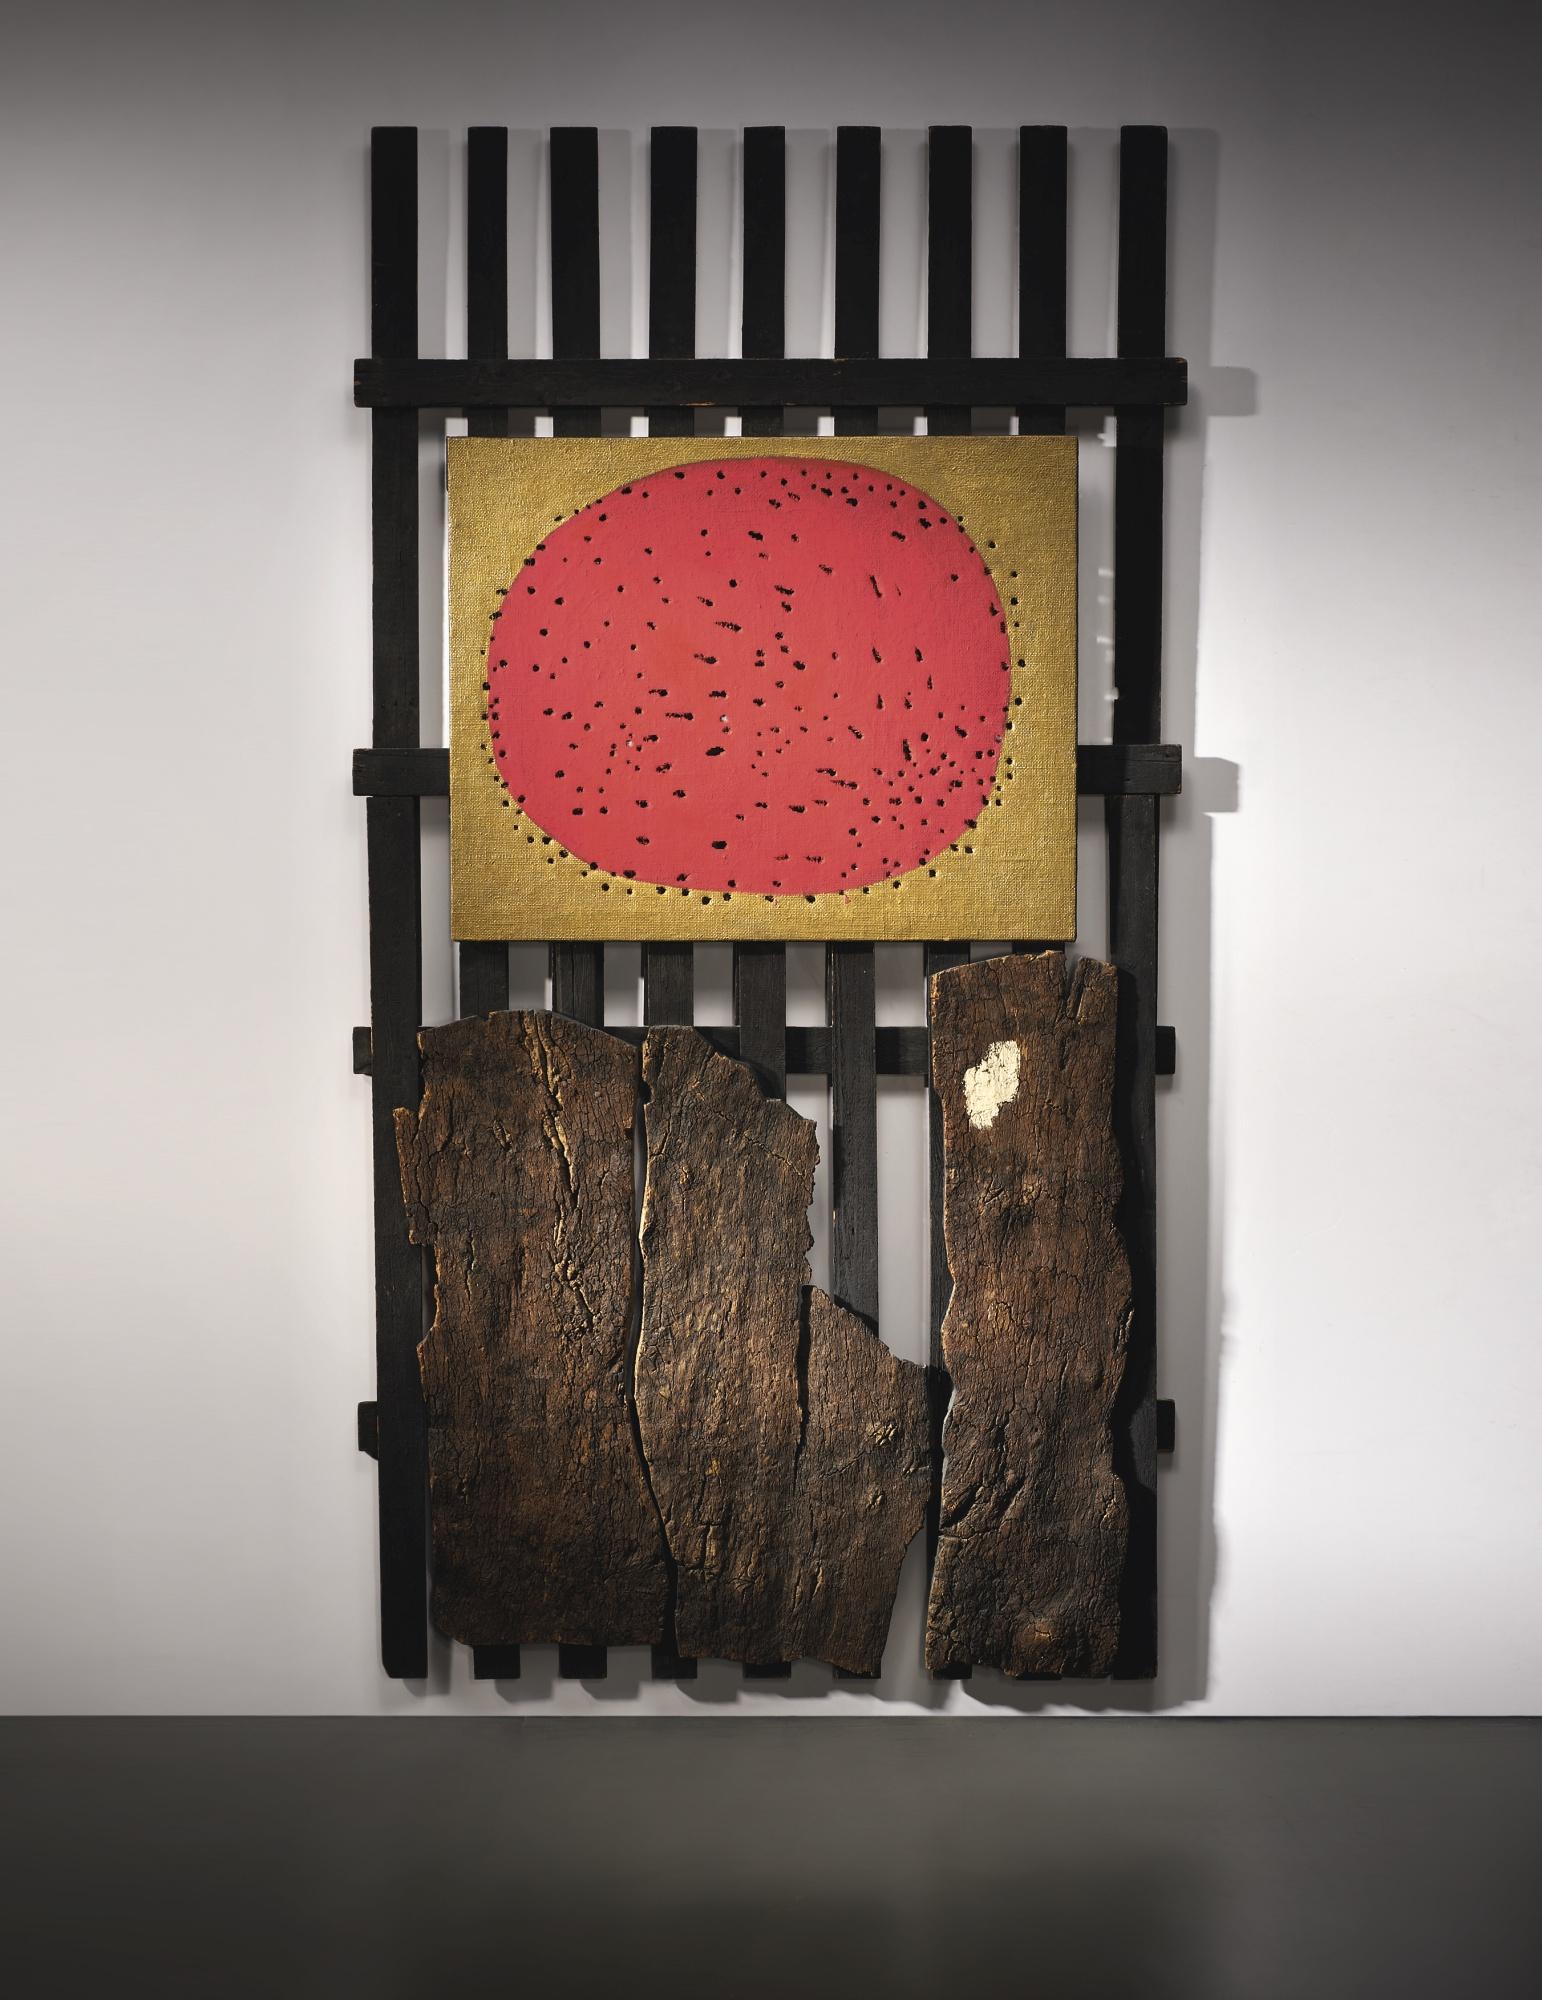 Lucio Fontana e Roberto Crippa, VENERDÌ SANTO A MADRID, 1960 € 756,500 @ Sotheby's Milano, 11 aprile 2019